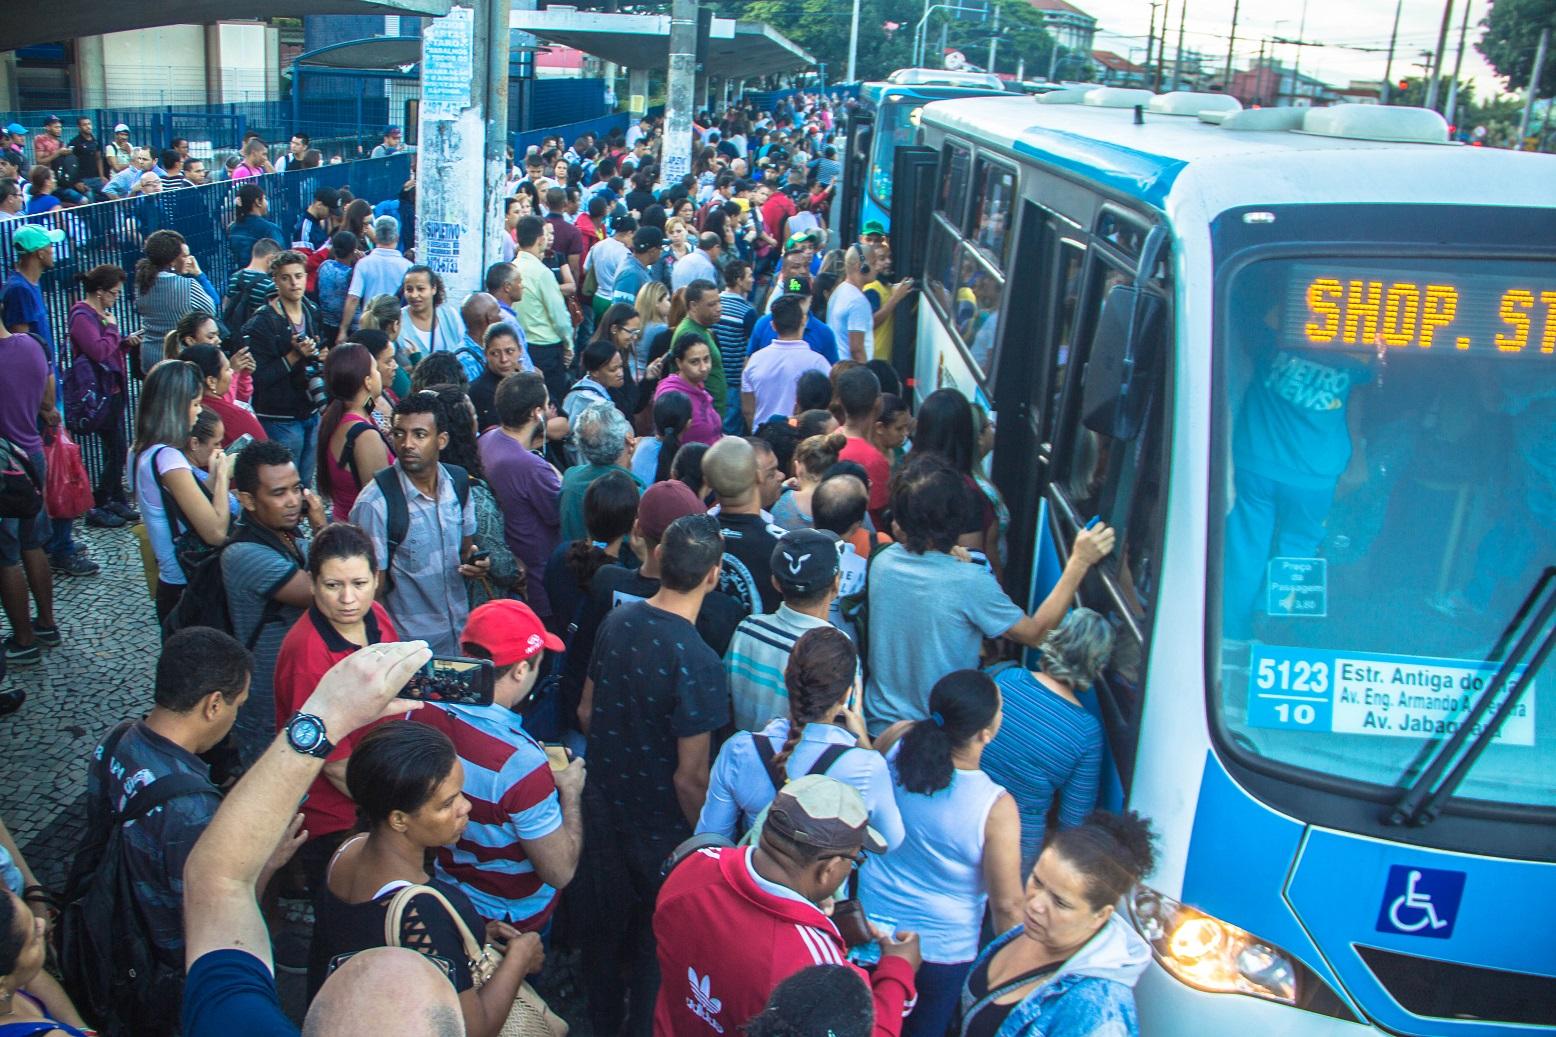 Para a cientista social, os moradores das periferias querem um Estado capaz de fornecer transporte, creches e escolas gratuitos. Foto Danilo Fernandes/Brazil Photo Press